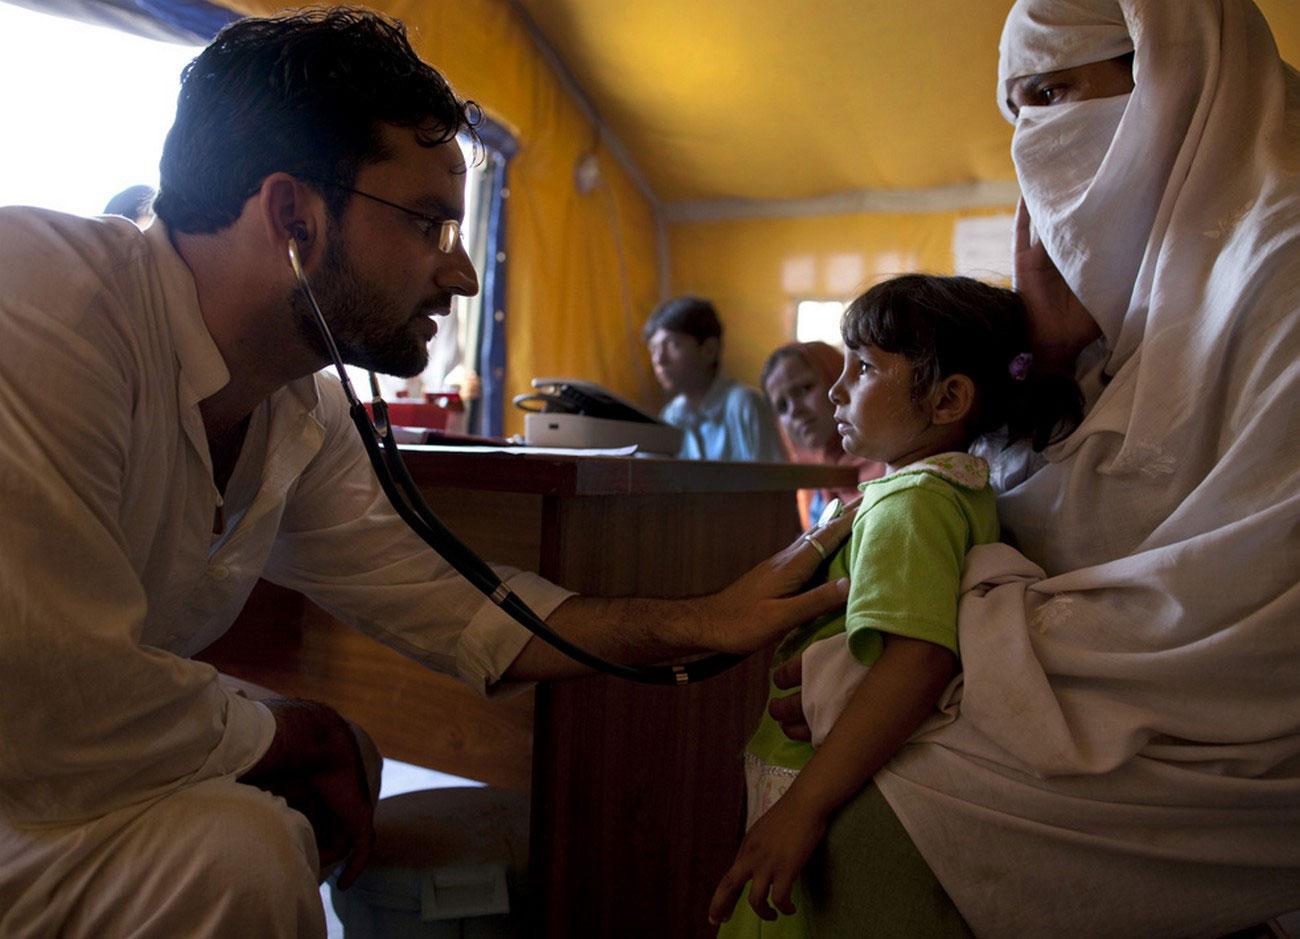 вынужденные переселенцы на обследовании у врача